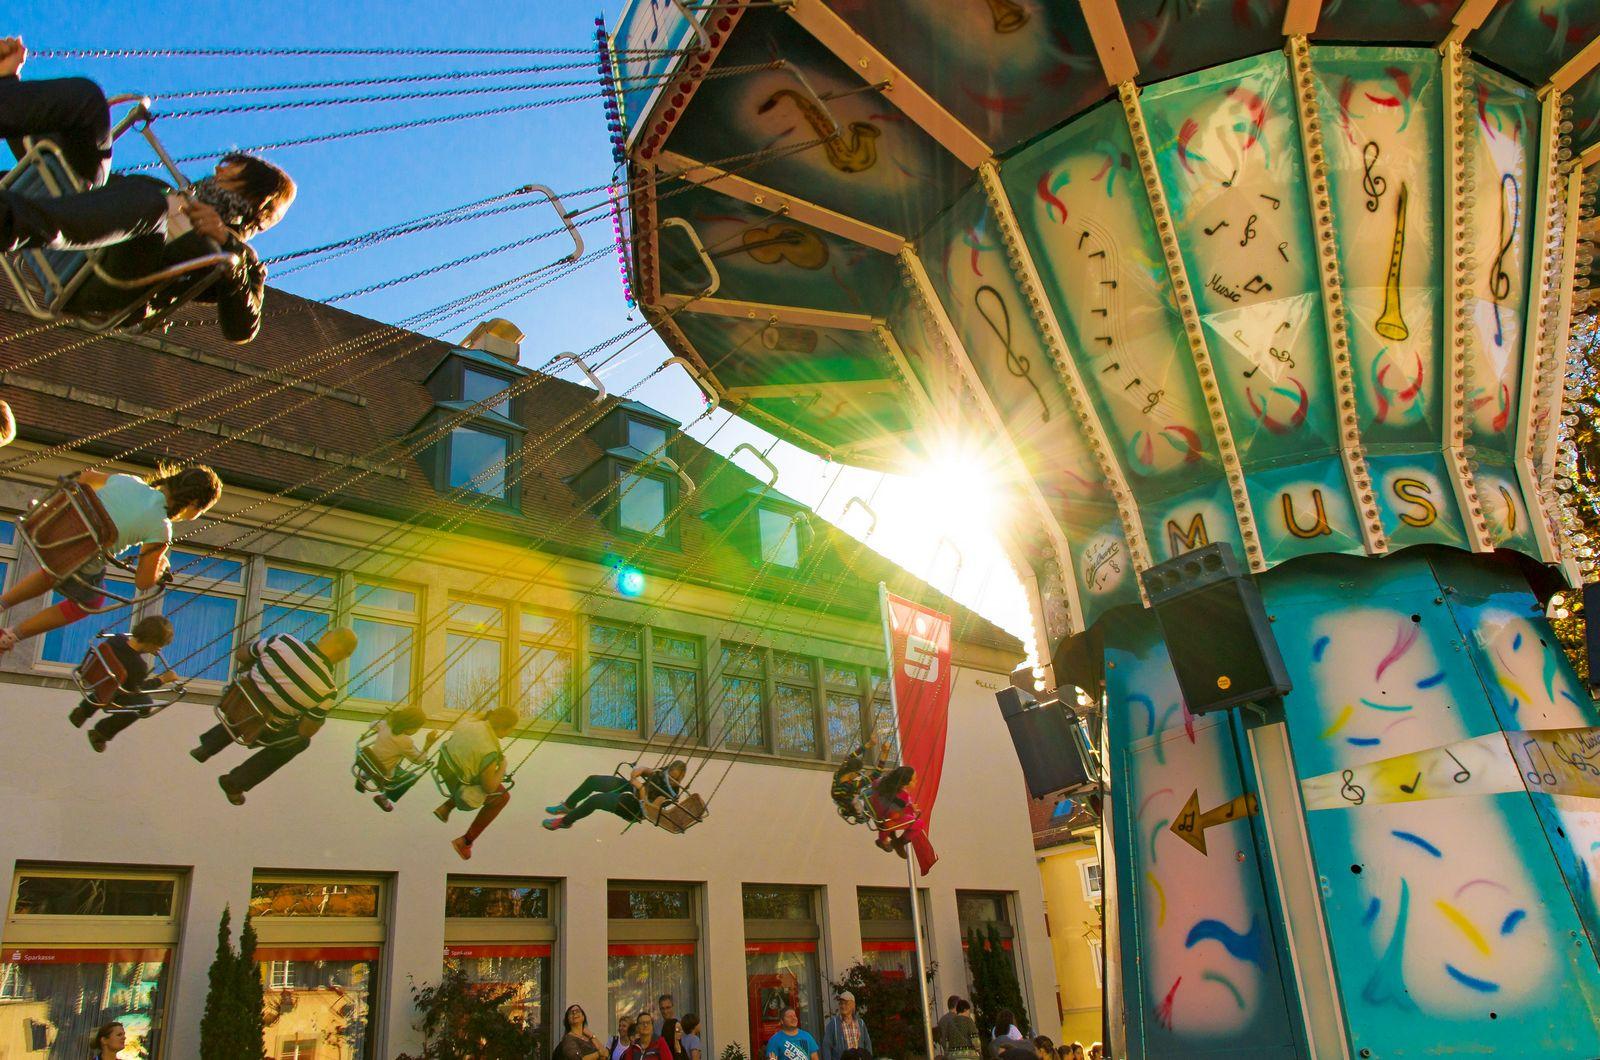 Karussell am Gallusmarkt